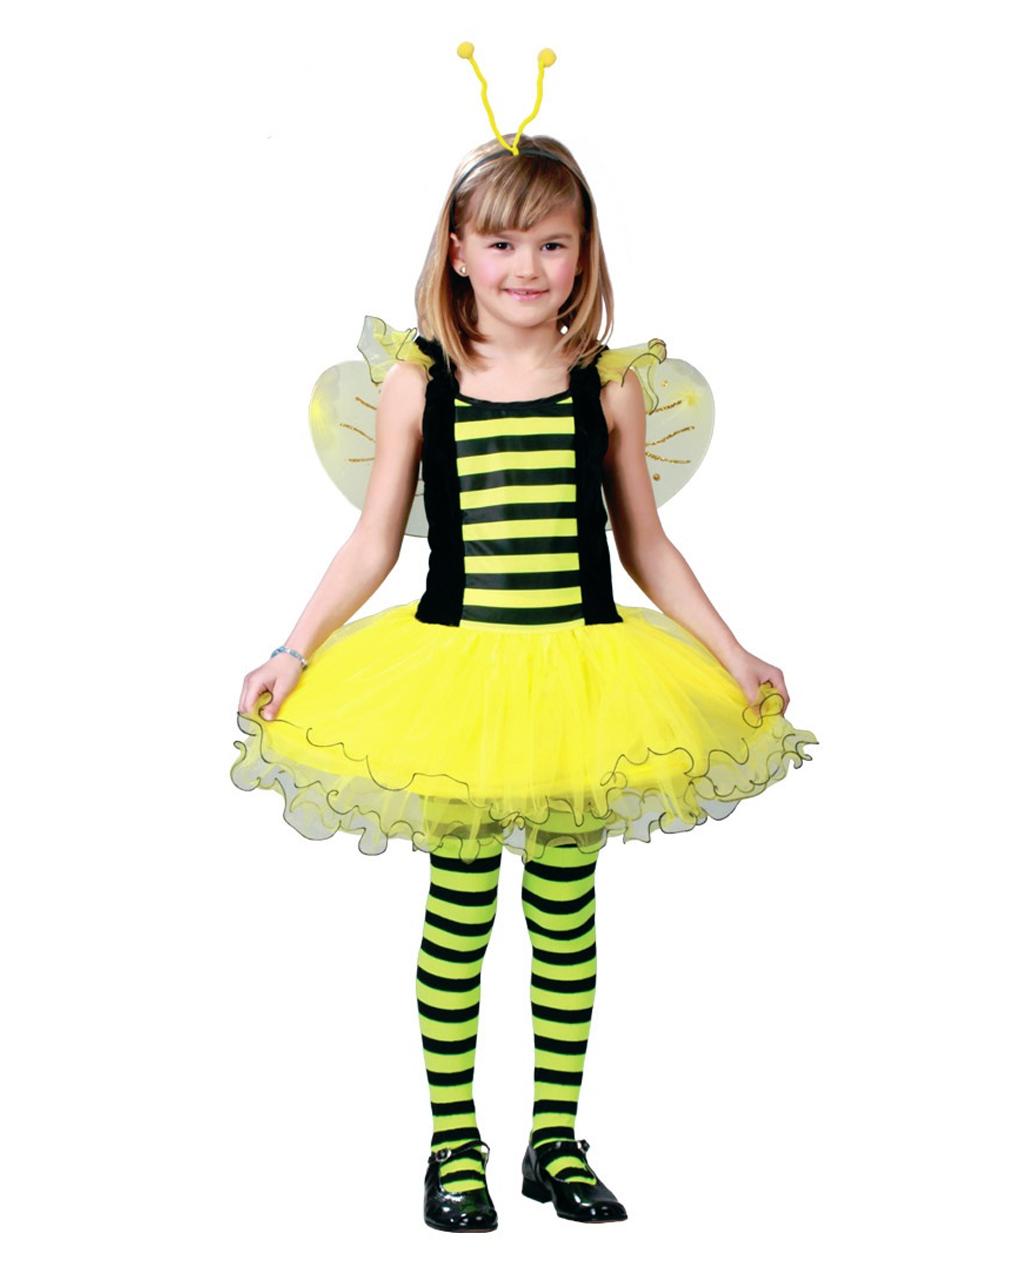 Honigbiene Kinderkostum Marchenkostum Karneval Universe